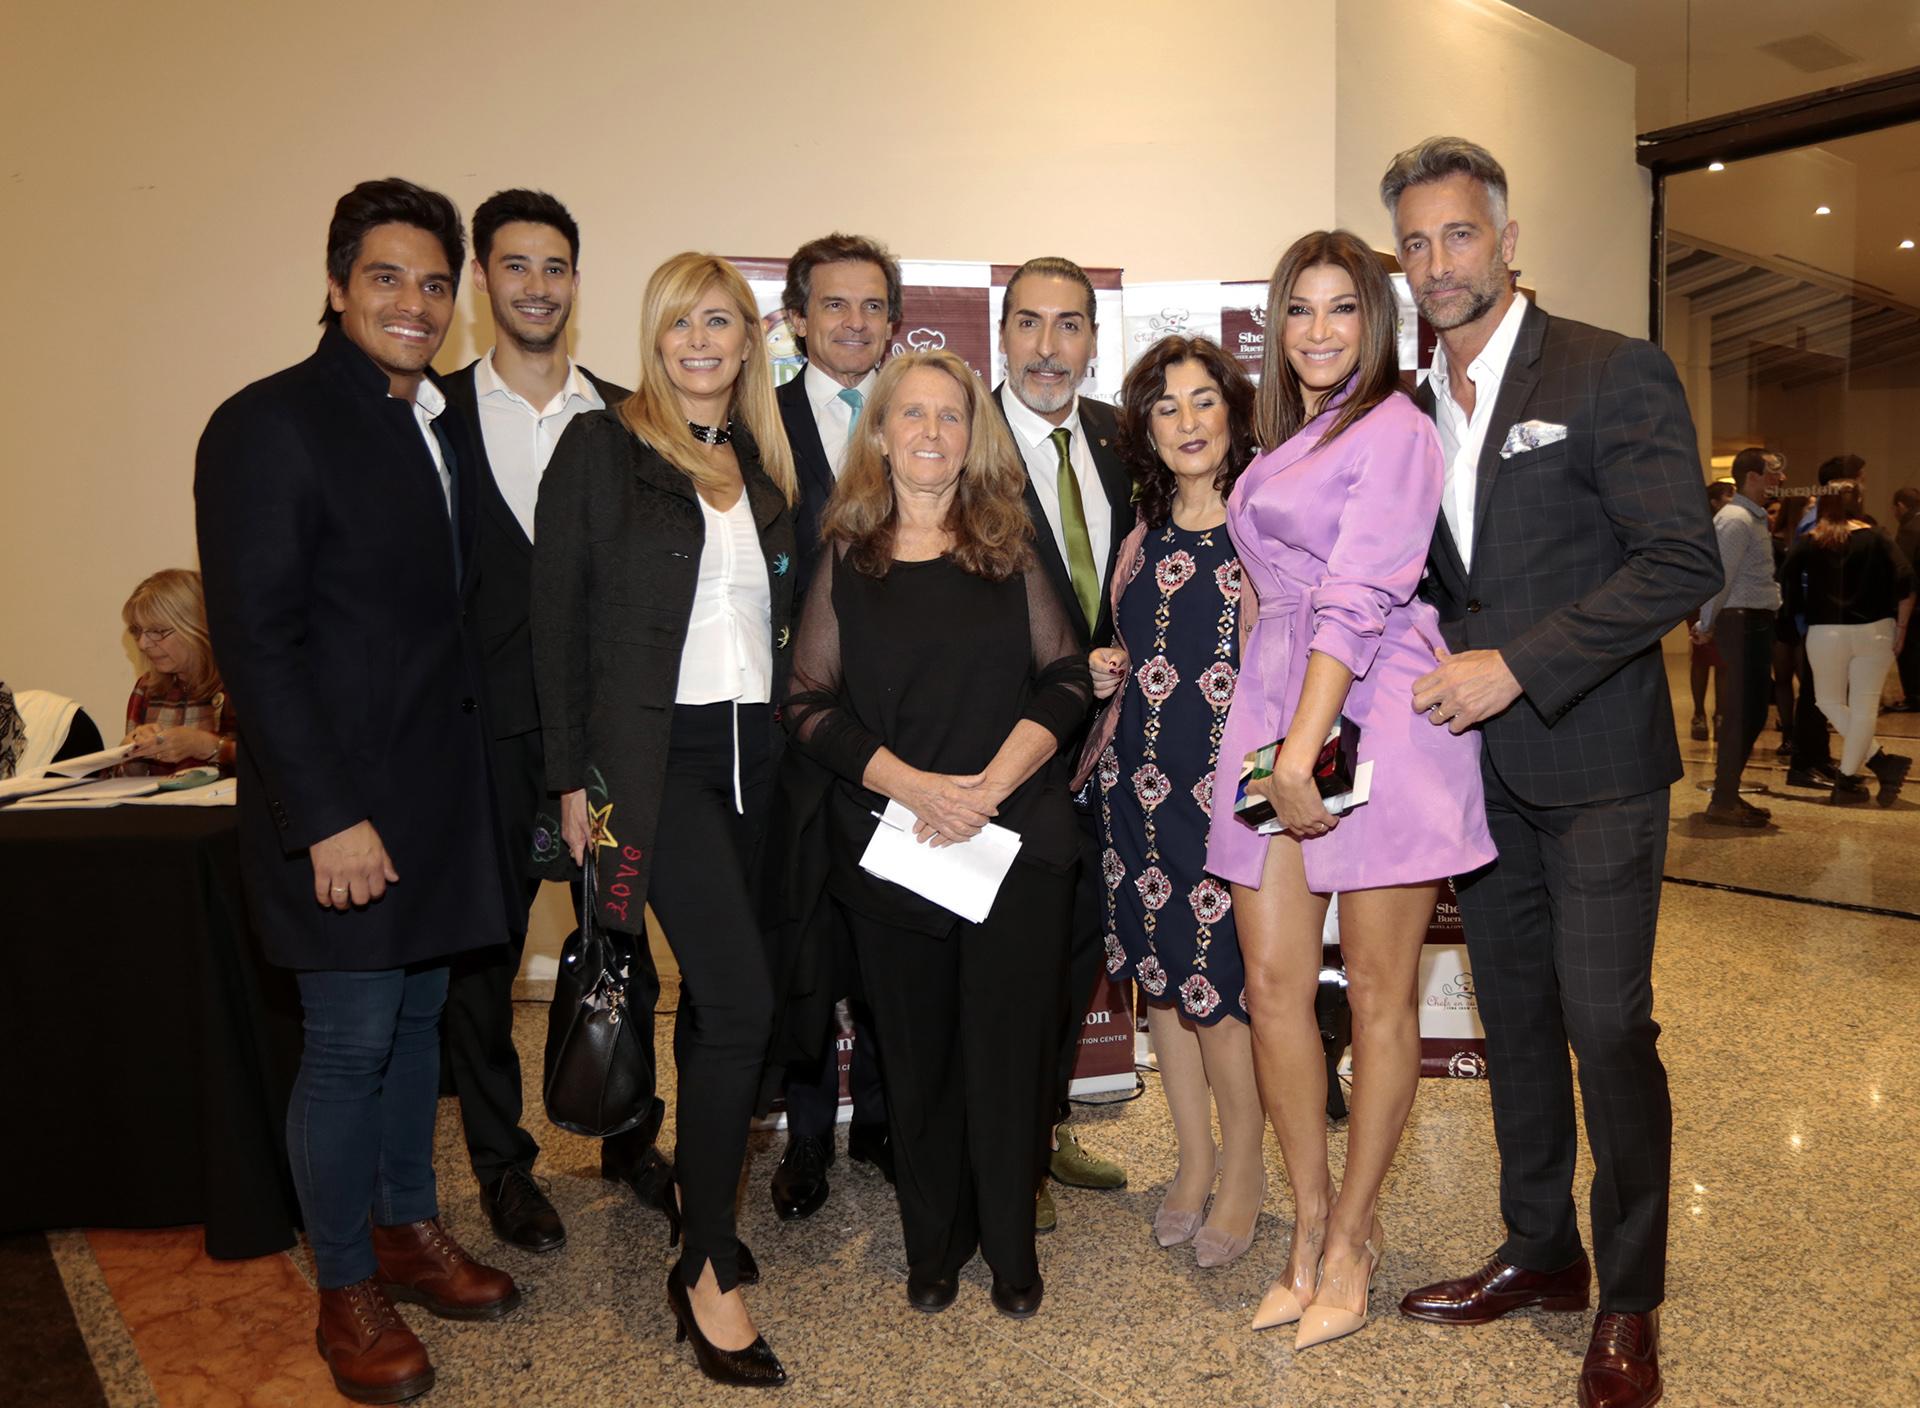 Edith Grynszpancholc junto a algunos de los famosos que colaboraron en la cena anual a beneficio de la Fundación Natalí Dafne Flexer /// Fotos: Christian Bochichio